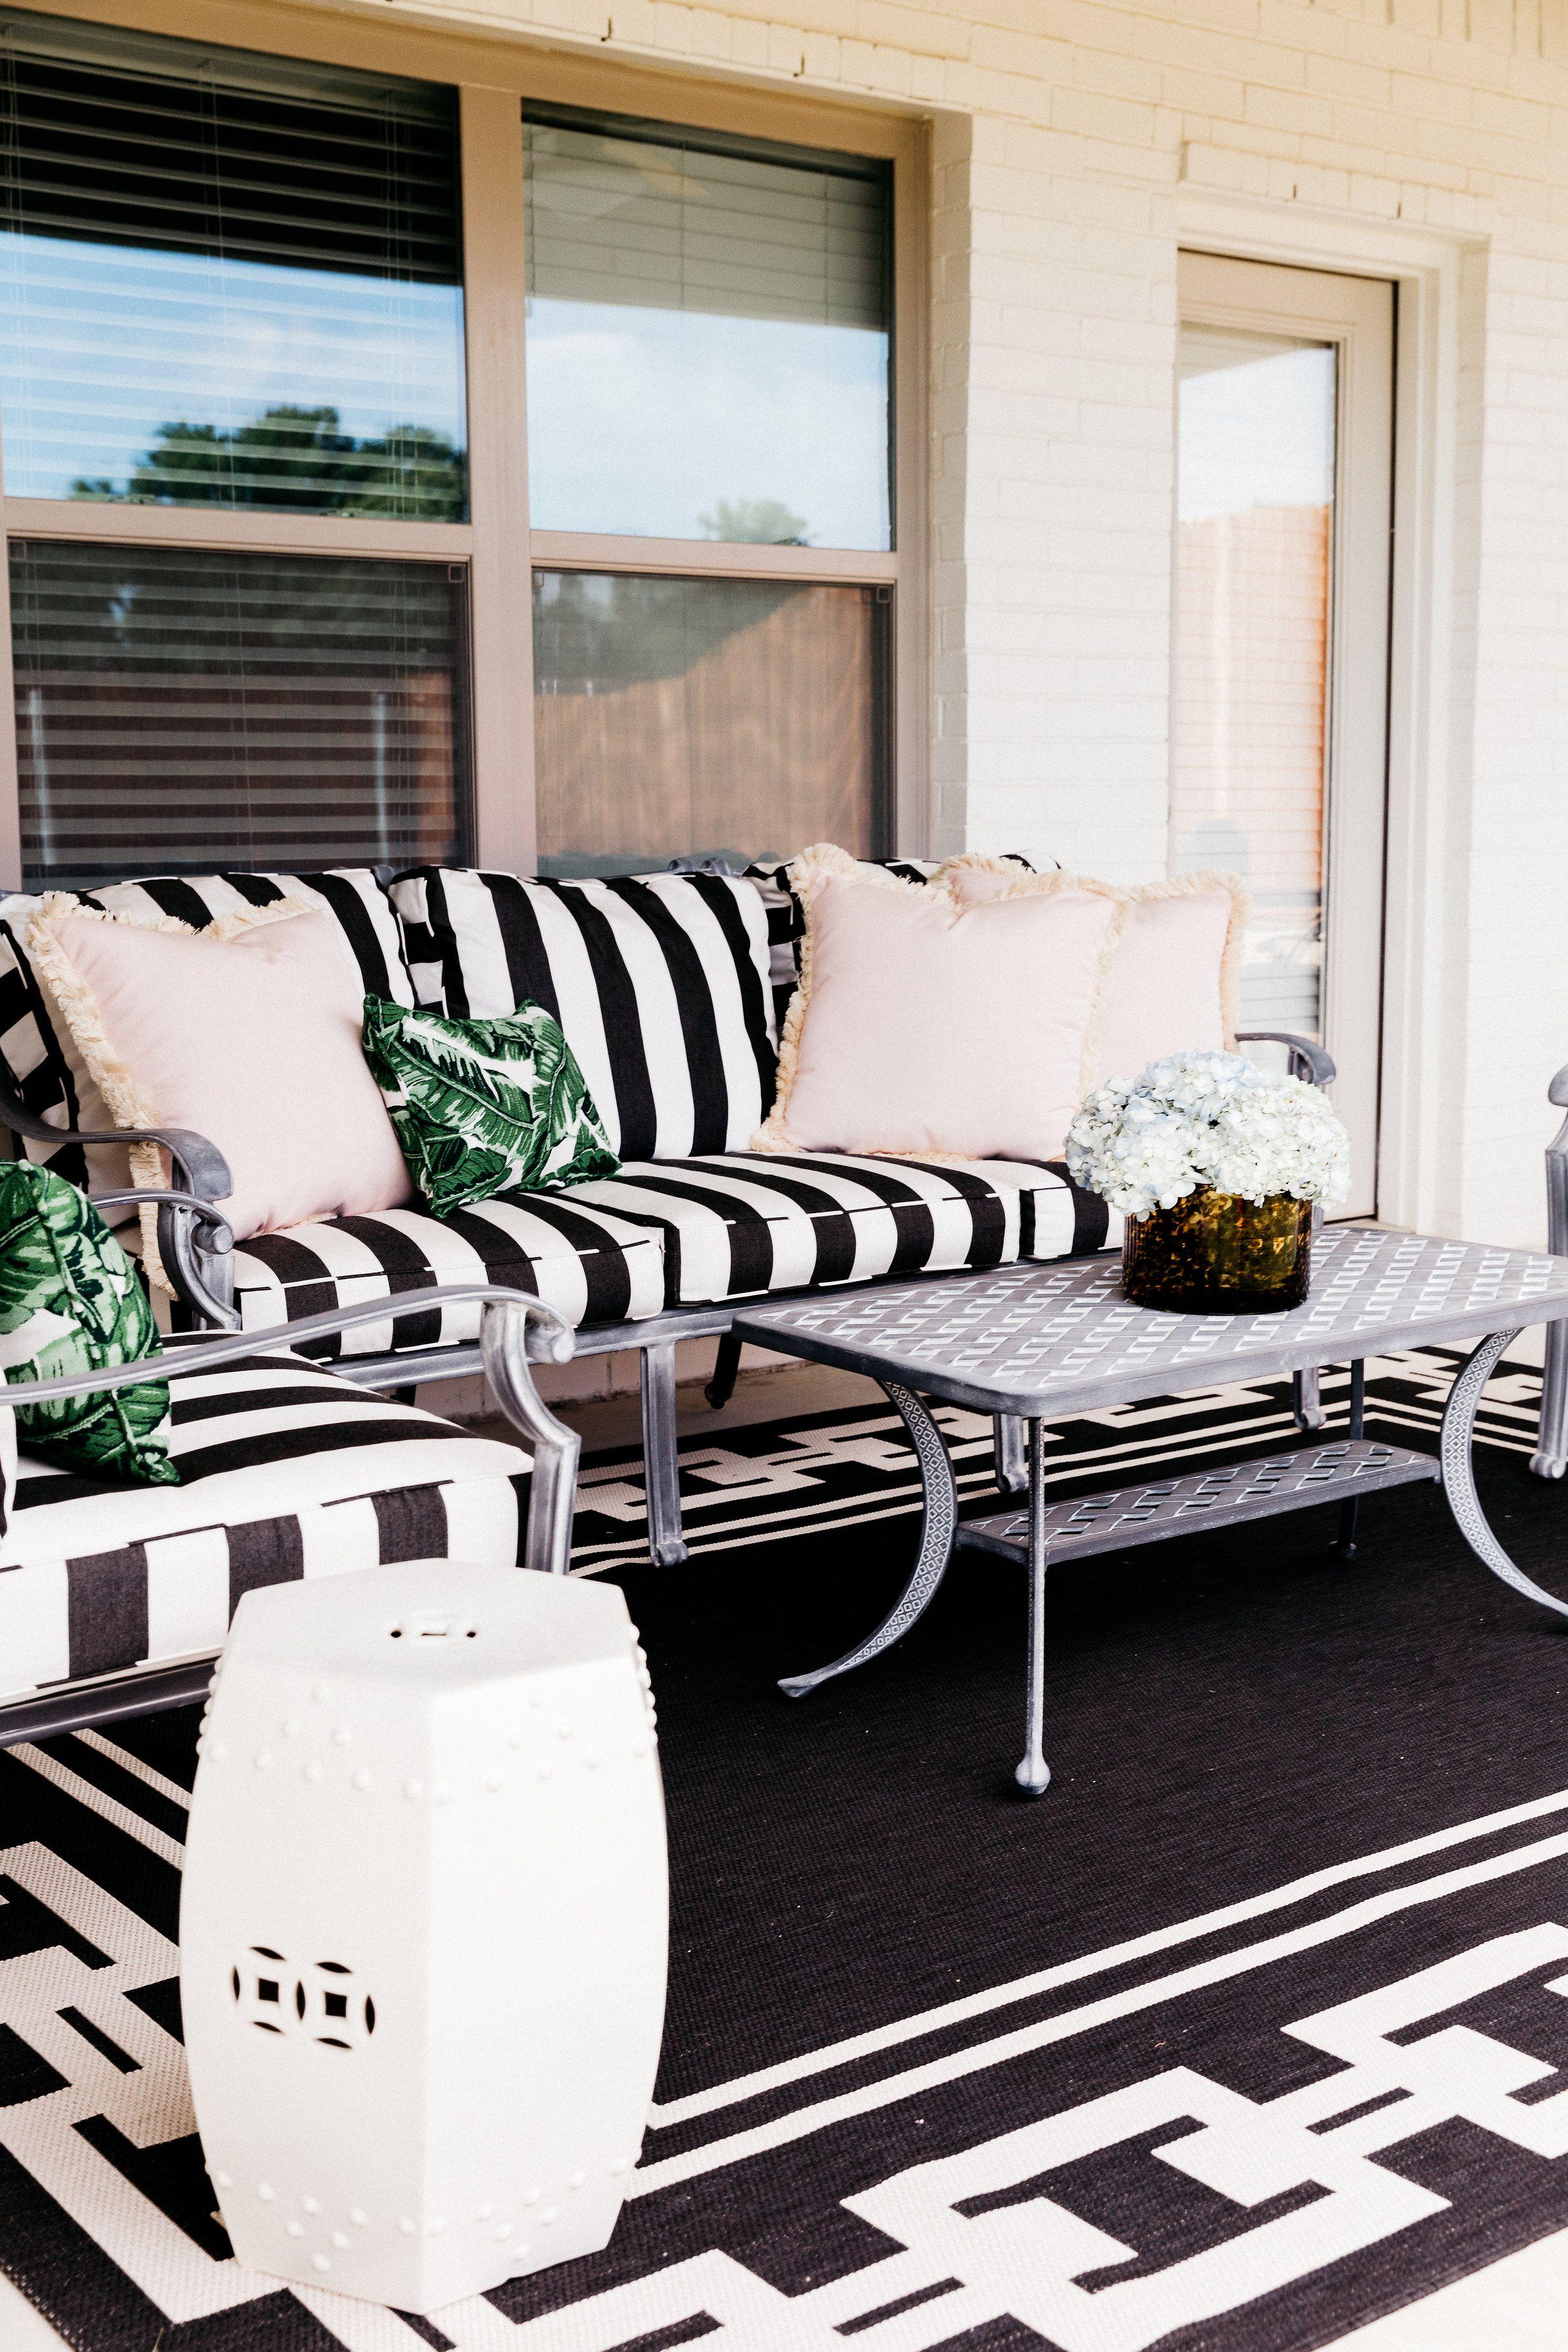 Çatı kaplama - mobilya döşemelik kumaş ve sadece